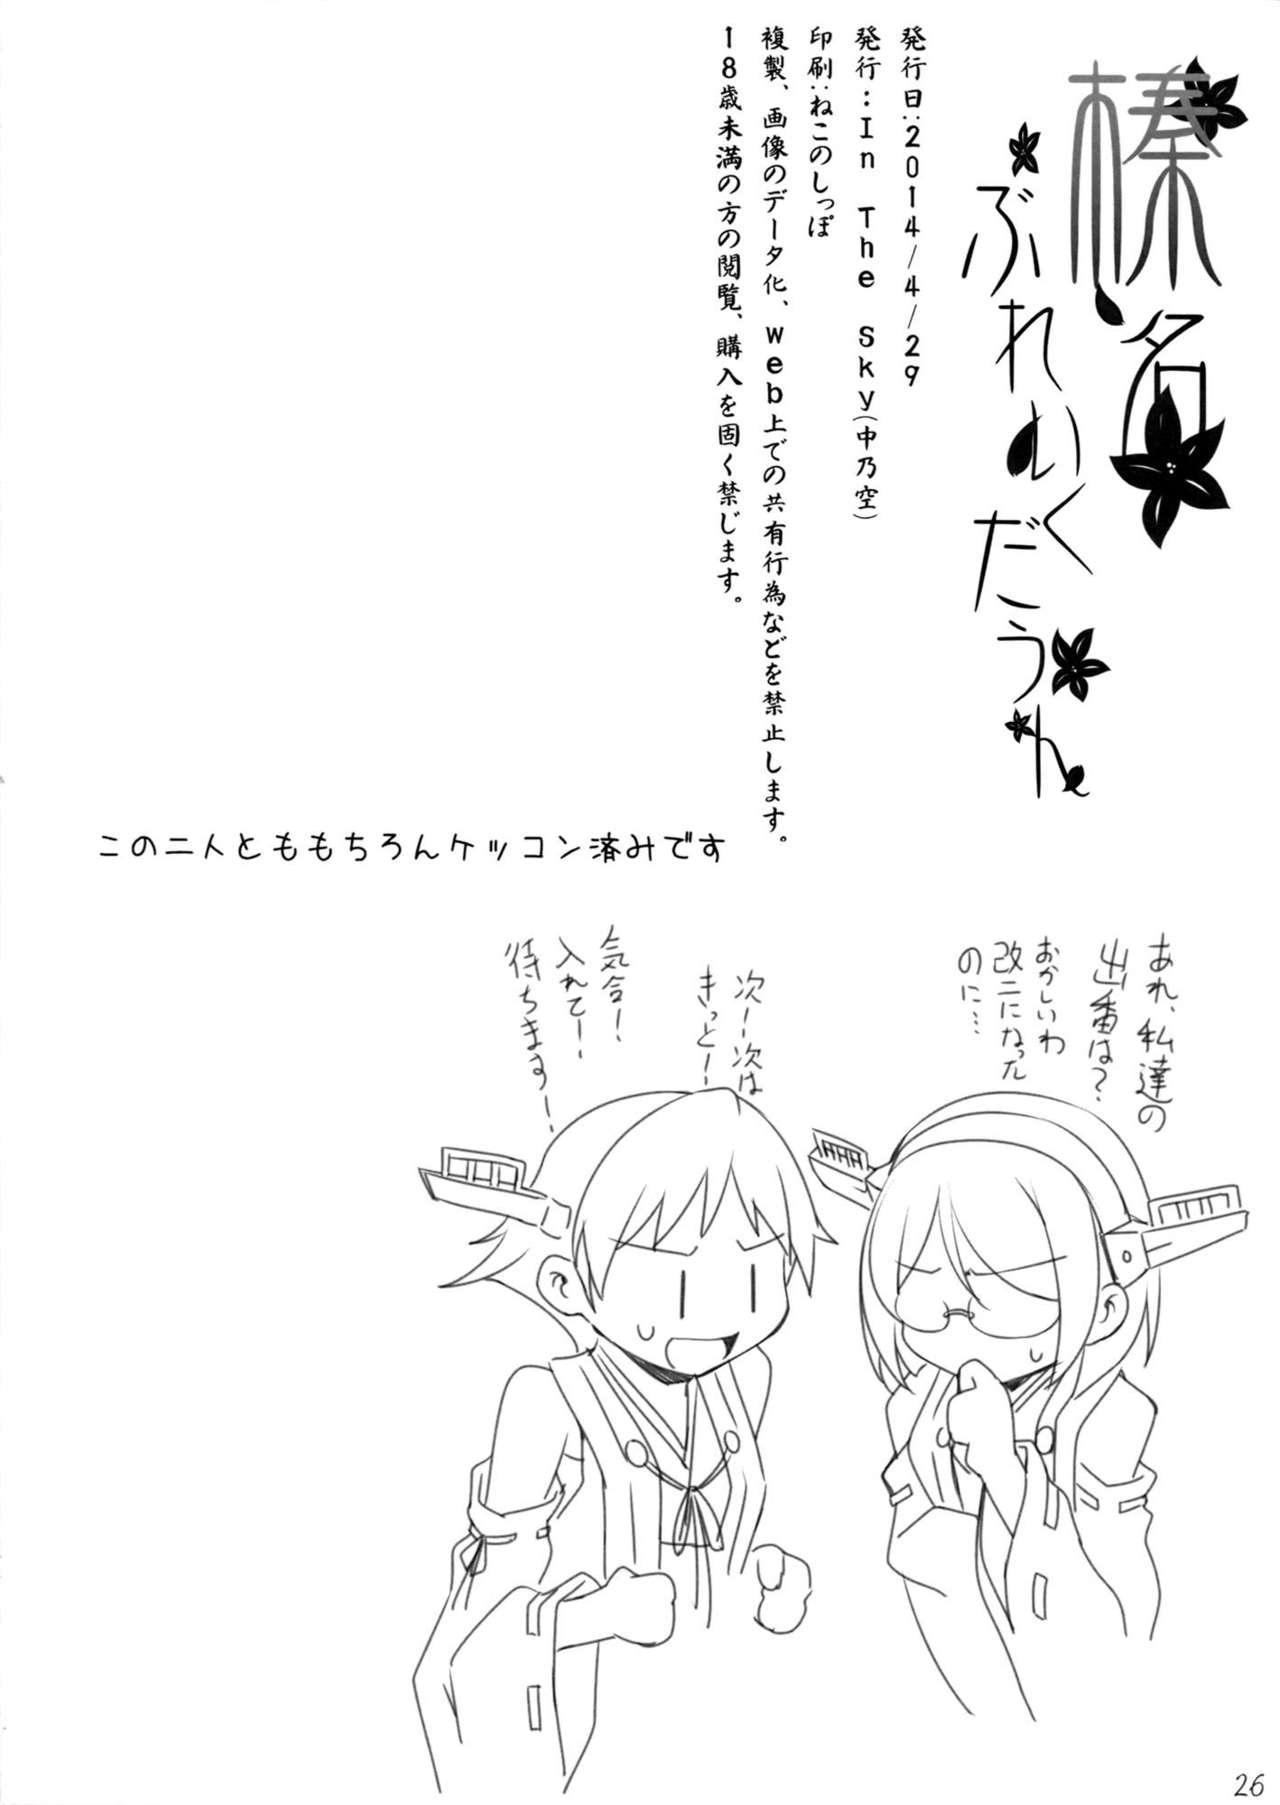 Haruna Break Down 24